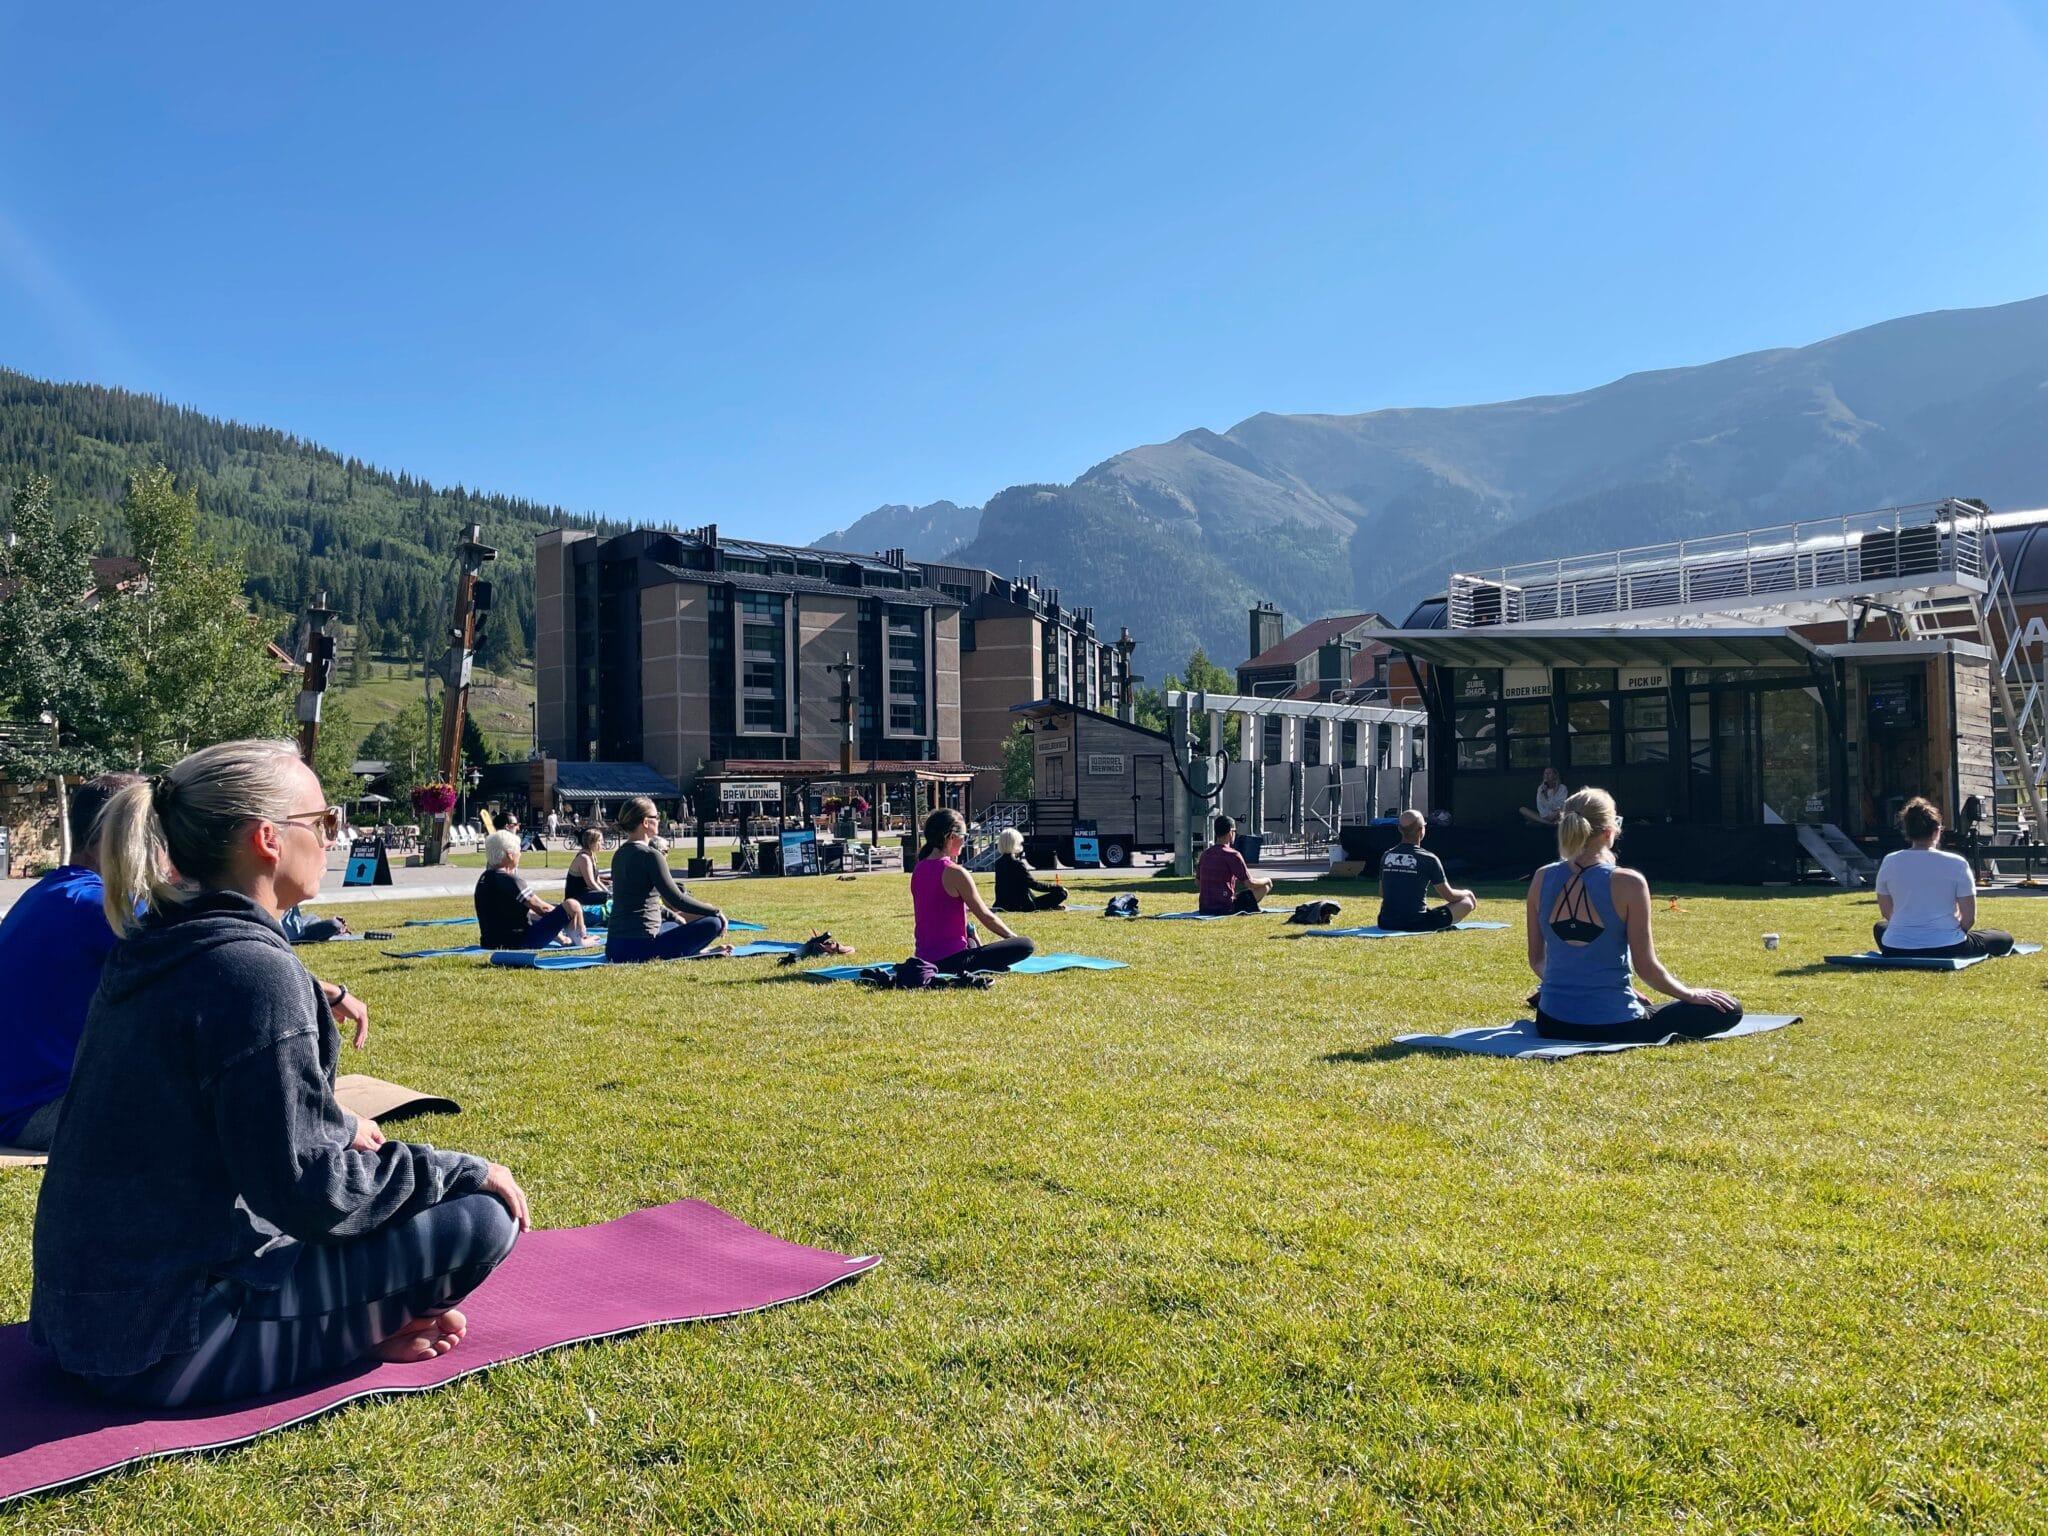 gambar yoga gratis di taman gunung tembaga